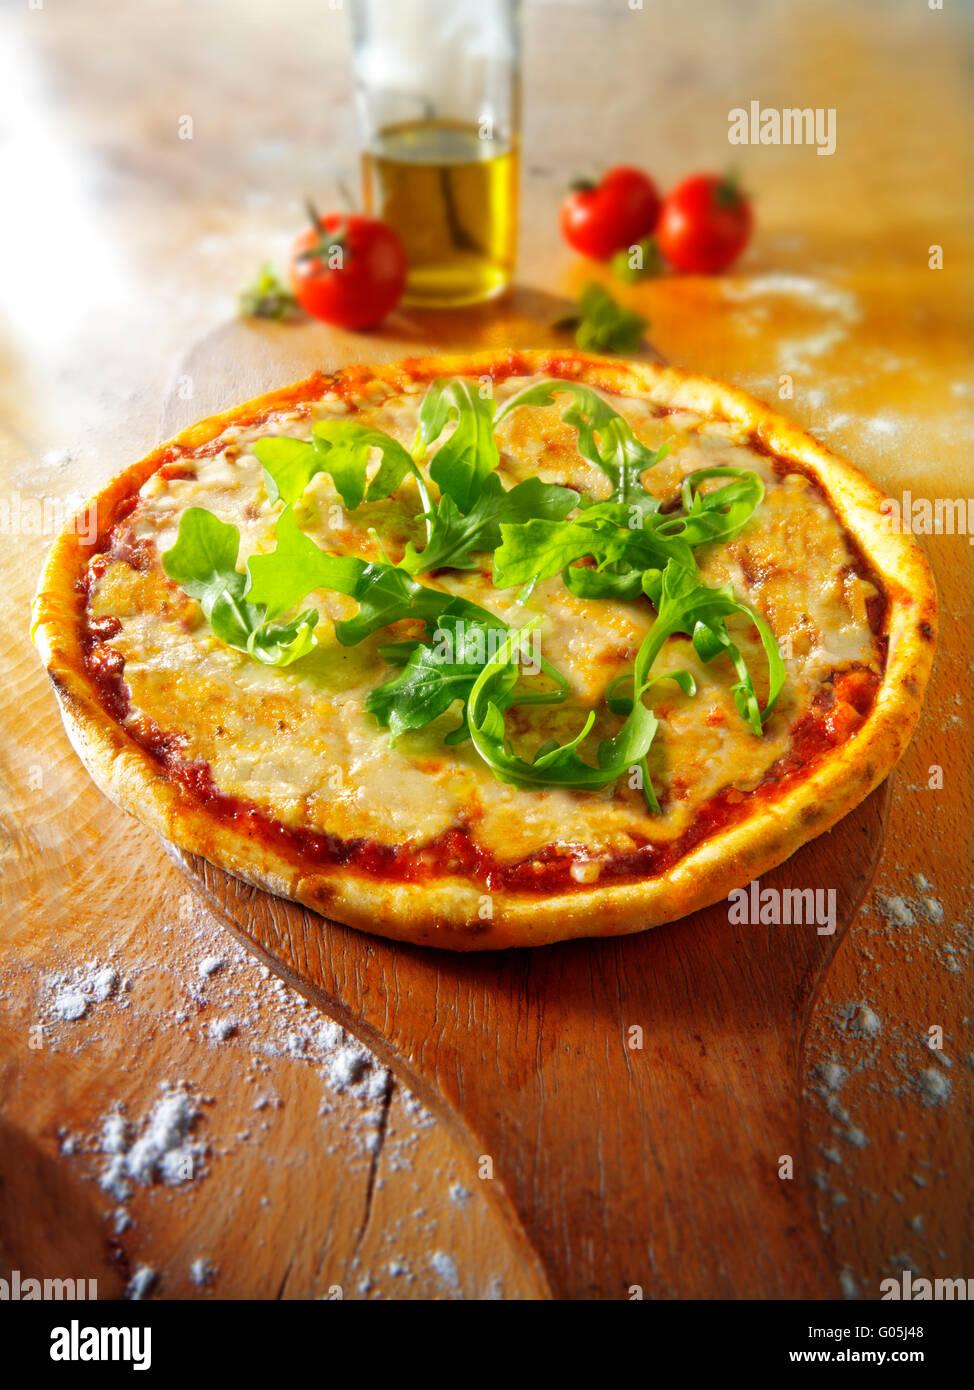 Cocinados enteros de queso y tomate Pizza Margherita con rocket Foto de stock